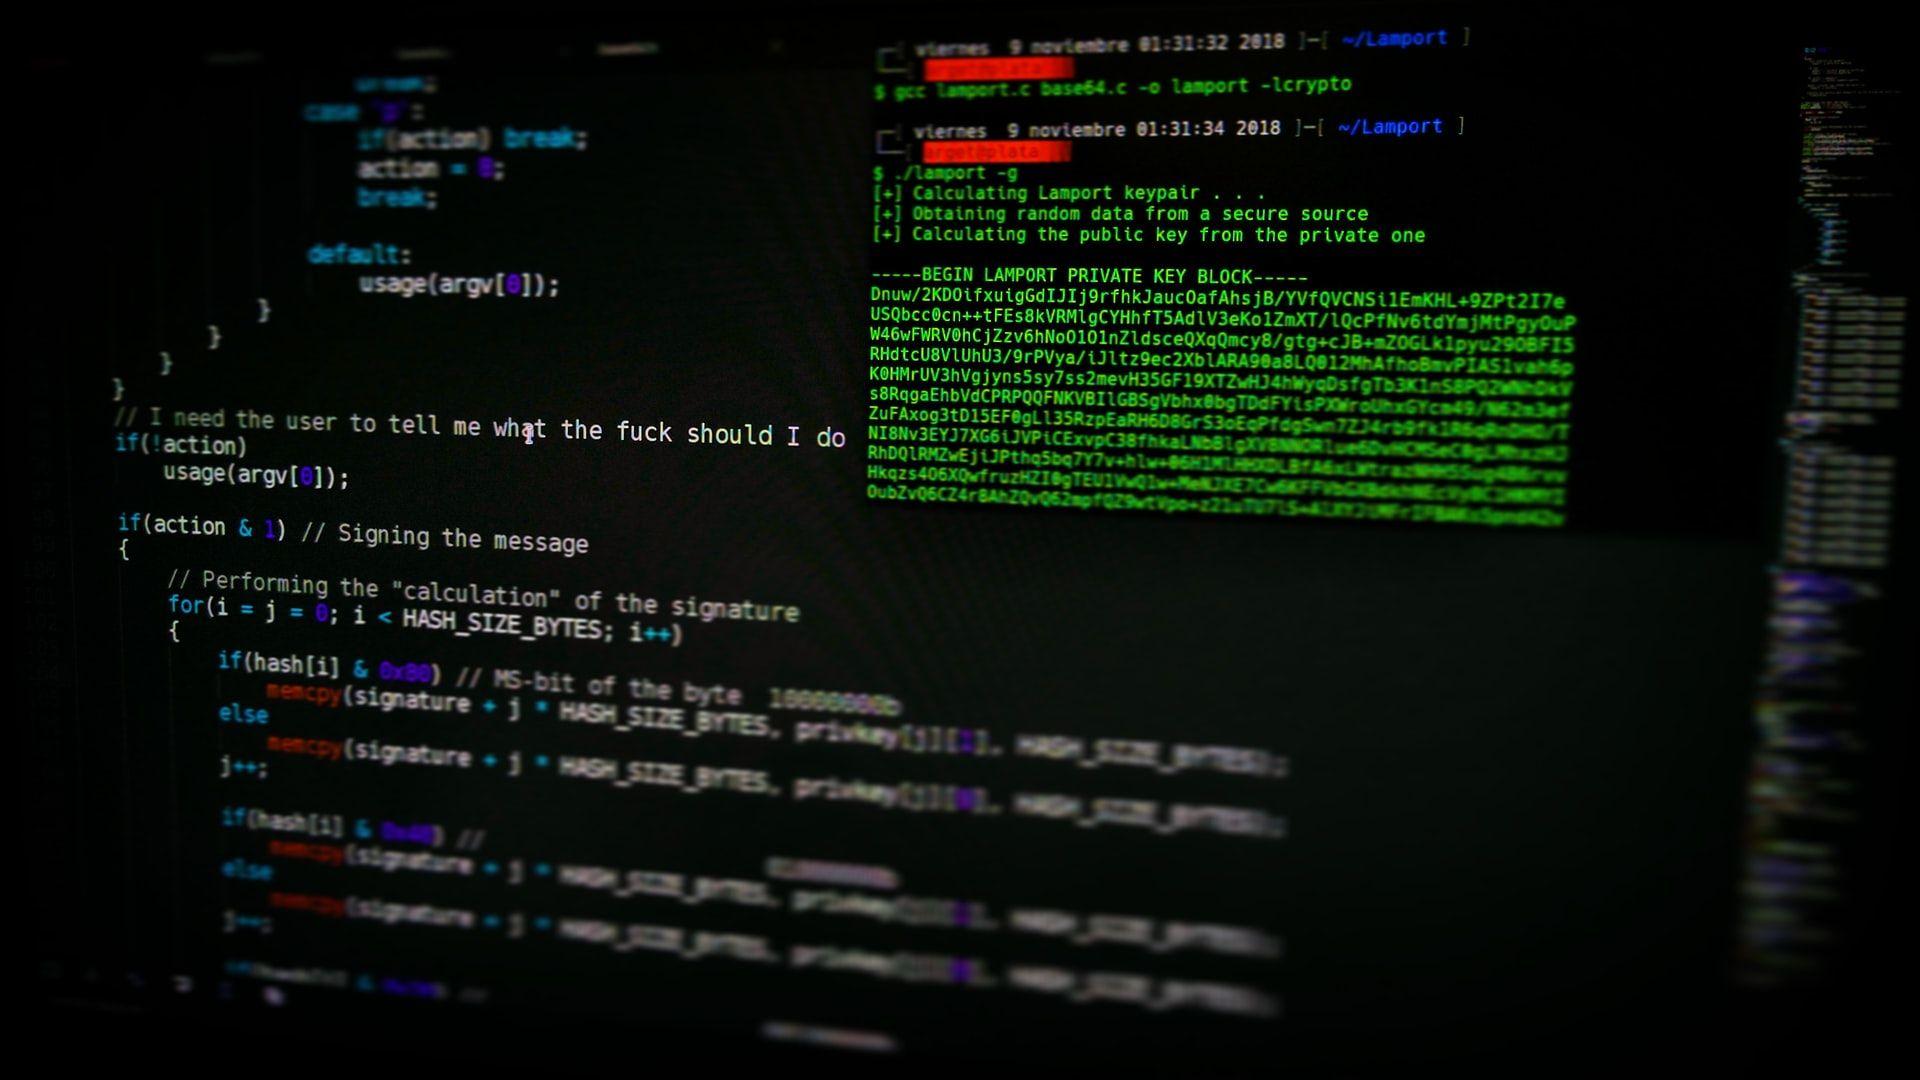 ФБР підтвердило, що до кібератаки на трубопровід Colonial Pipelinе причетне угрупування Darkside